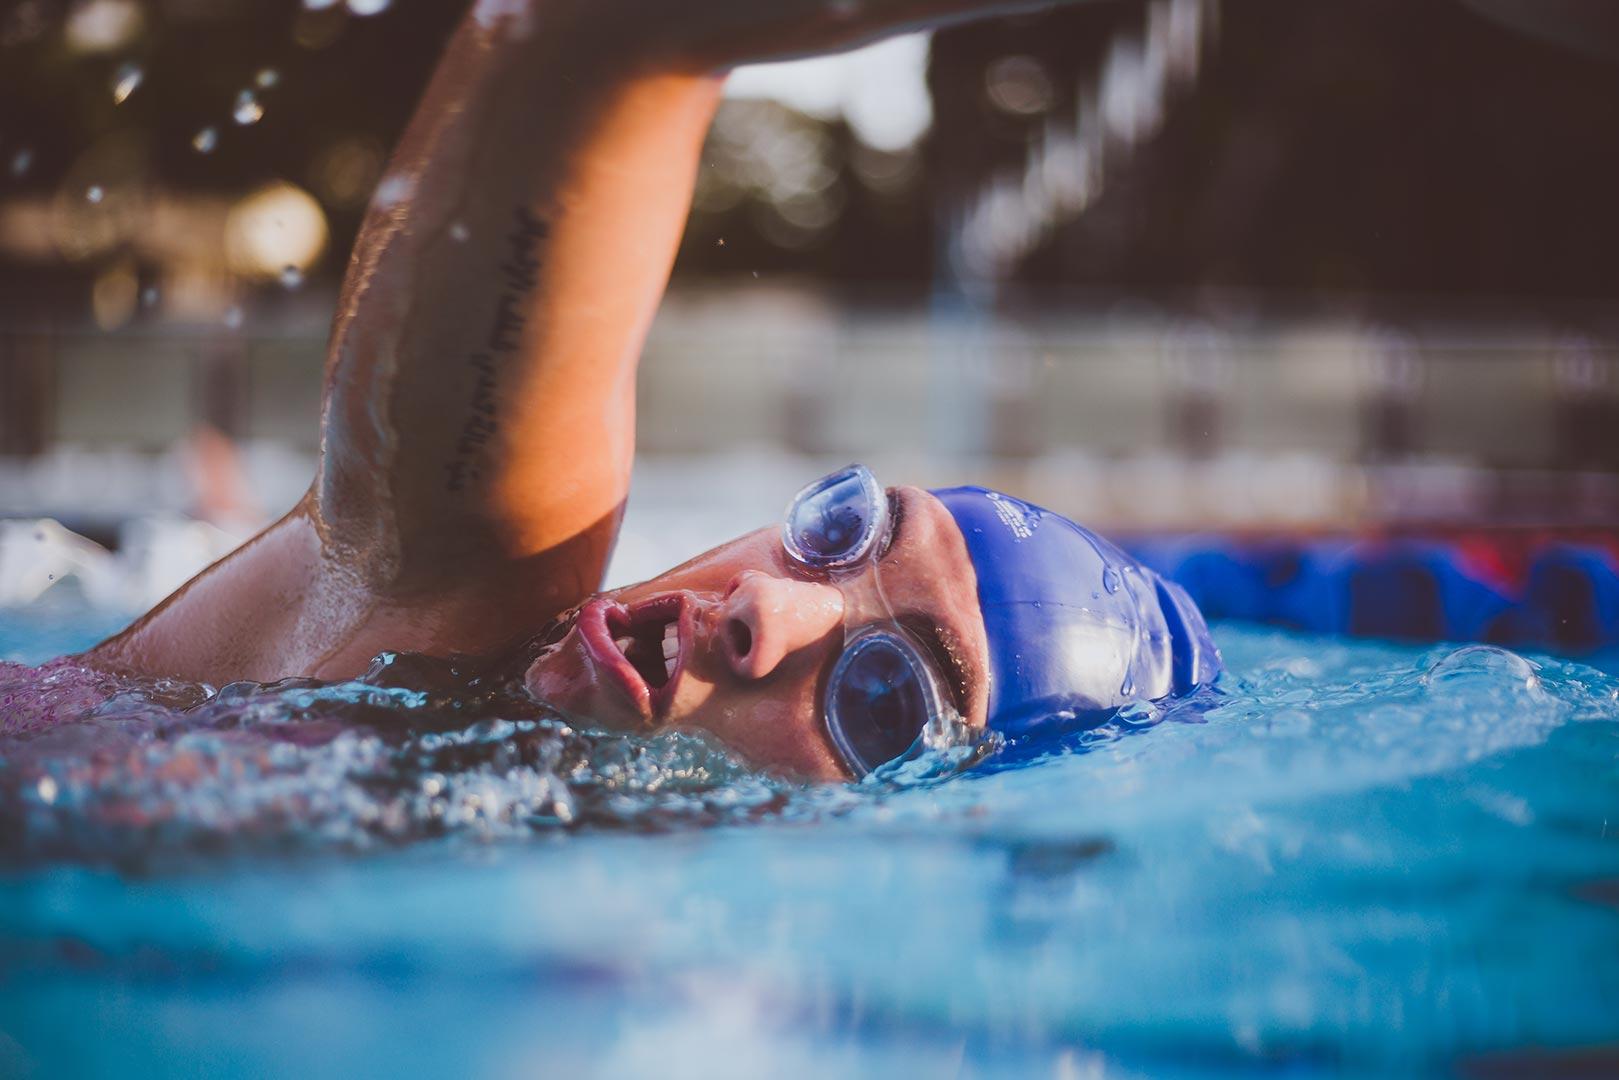 Lenti a contatto in piscina